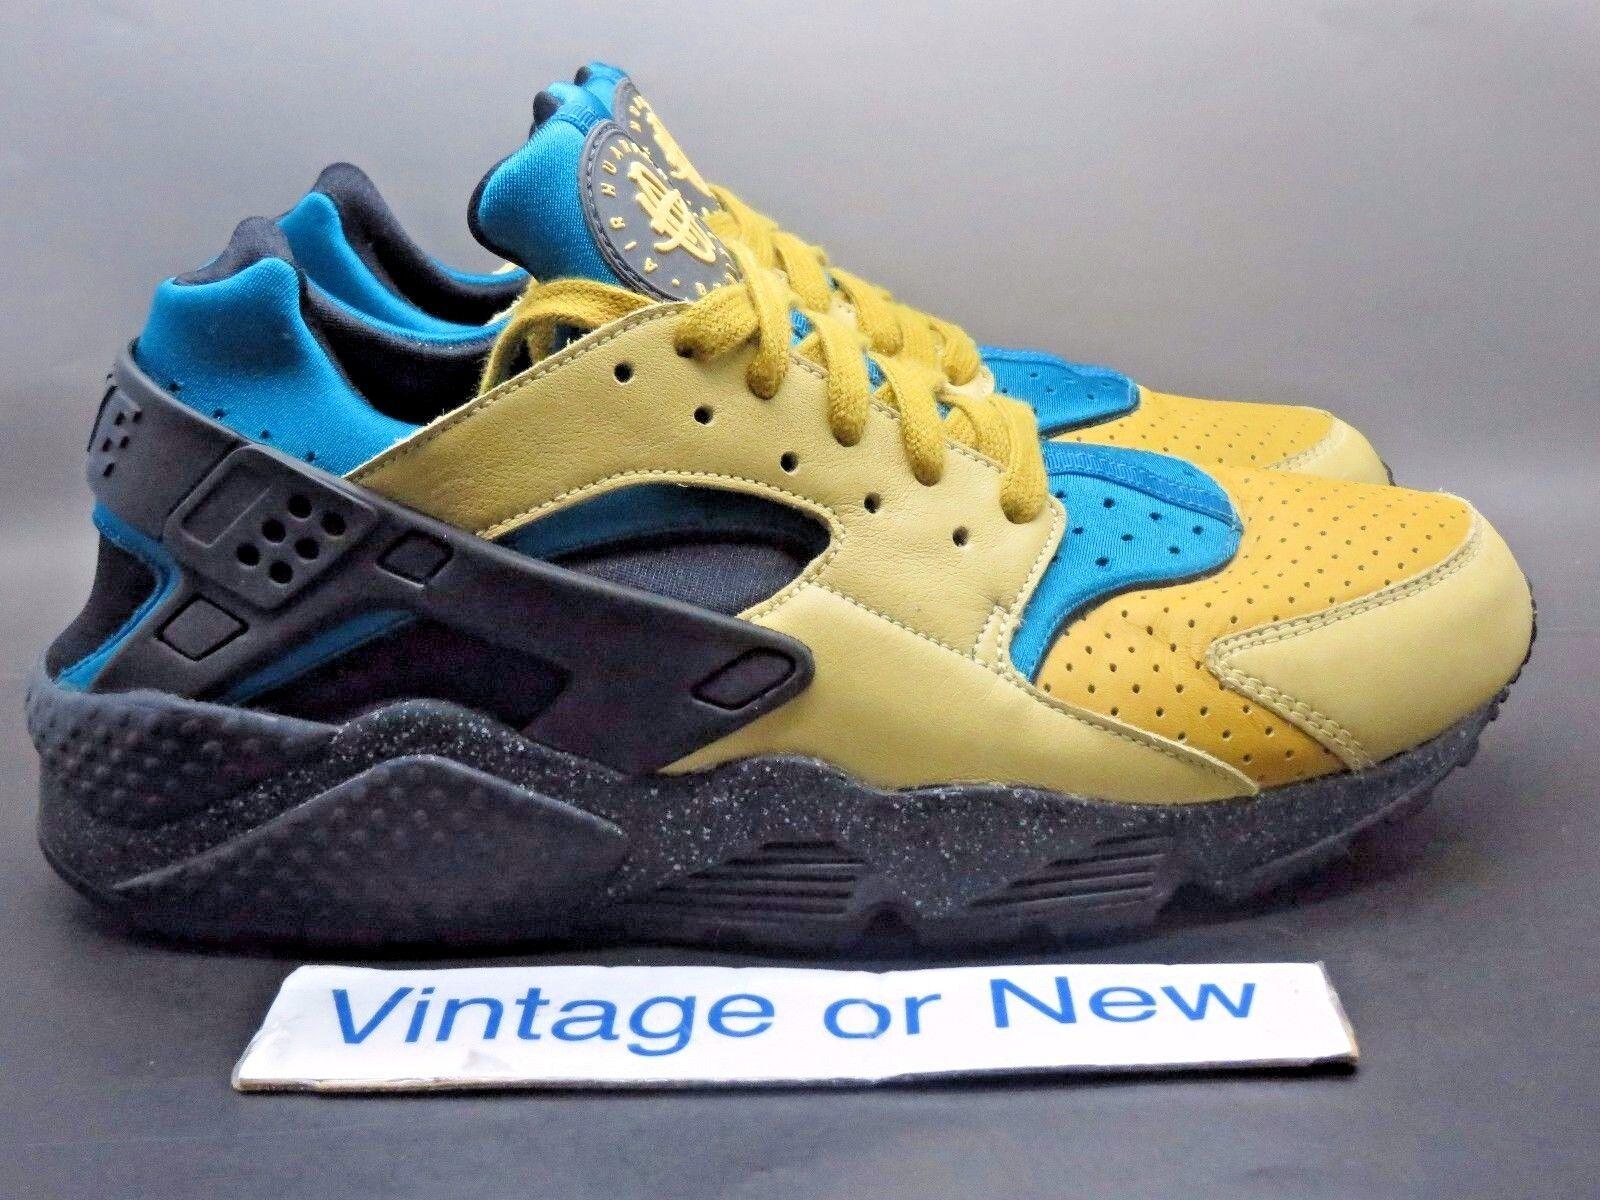 Men's Nike Air Huarache ACG Pack Mowabb Tropical Teal Running shoes 2007 sz 9